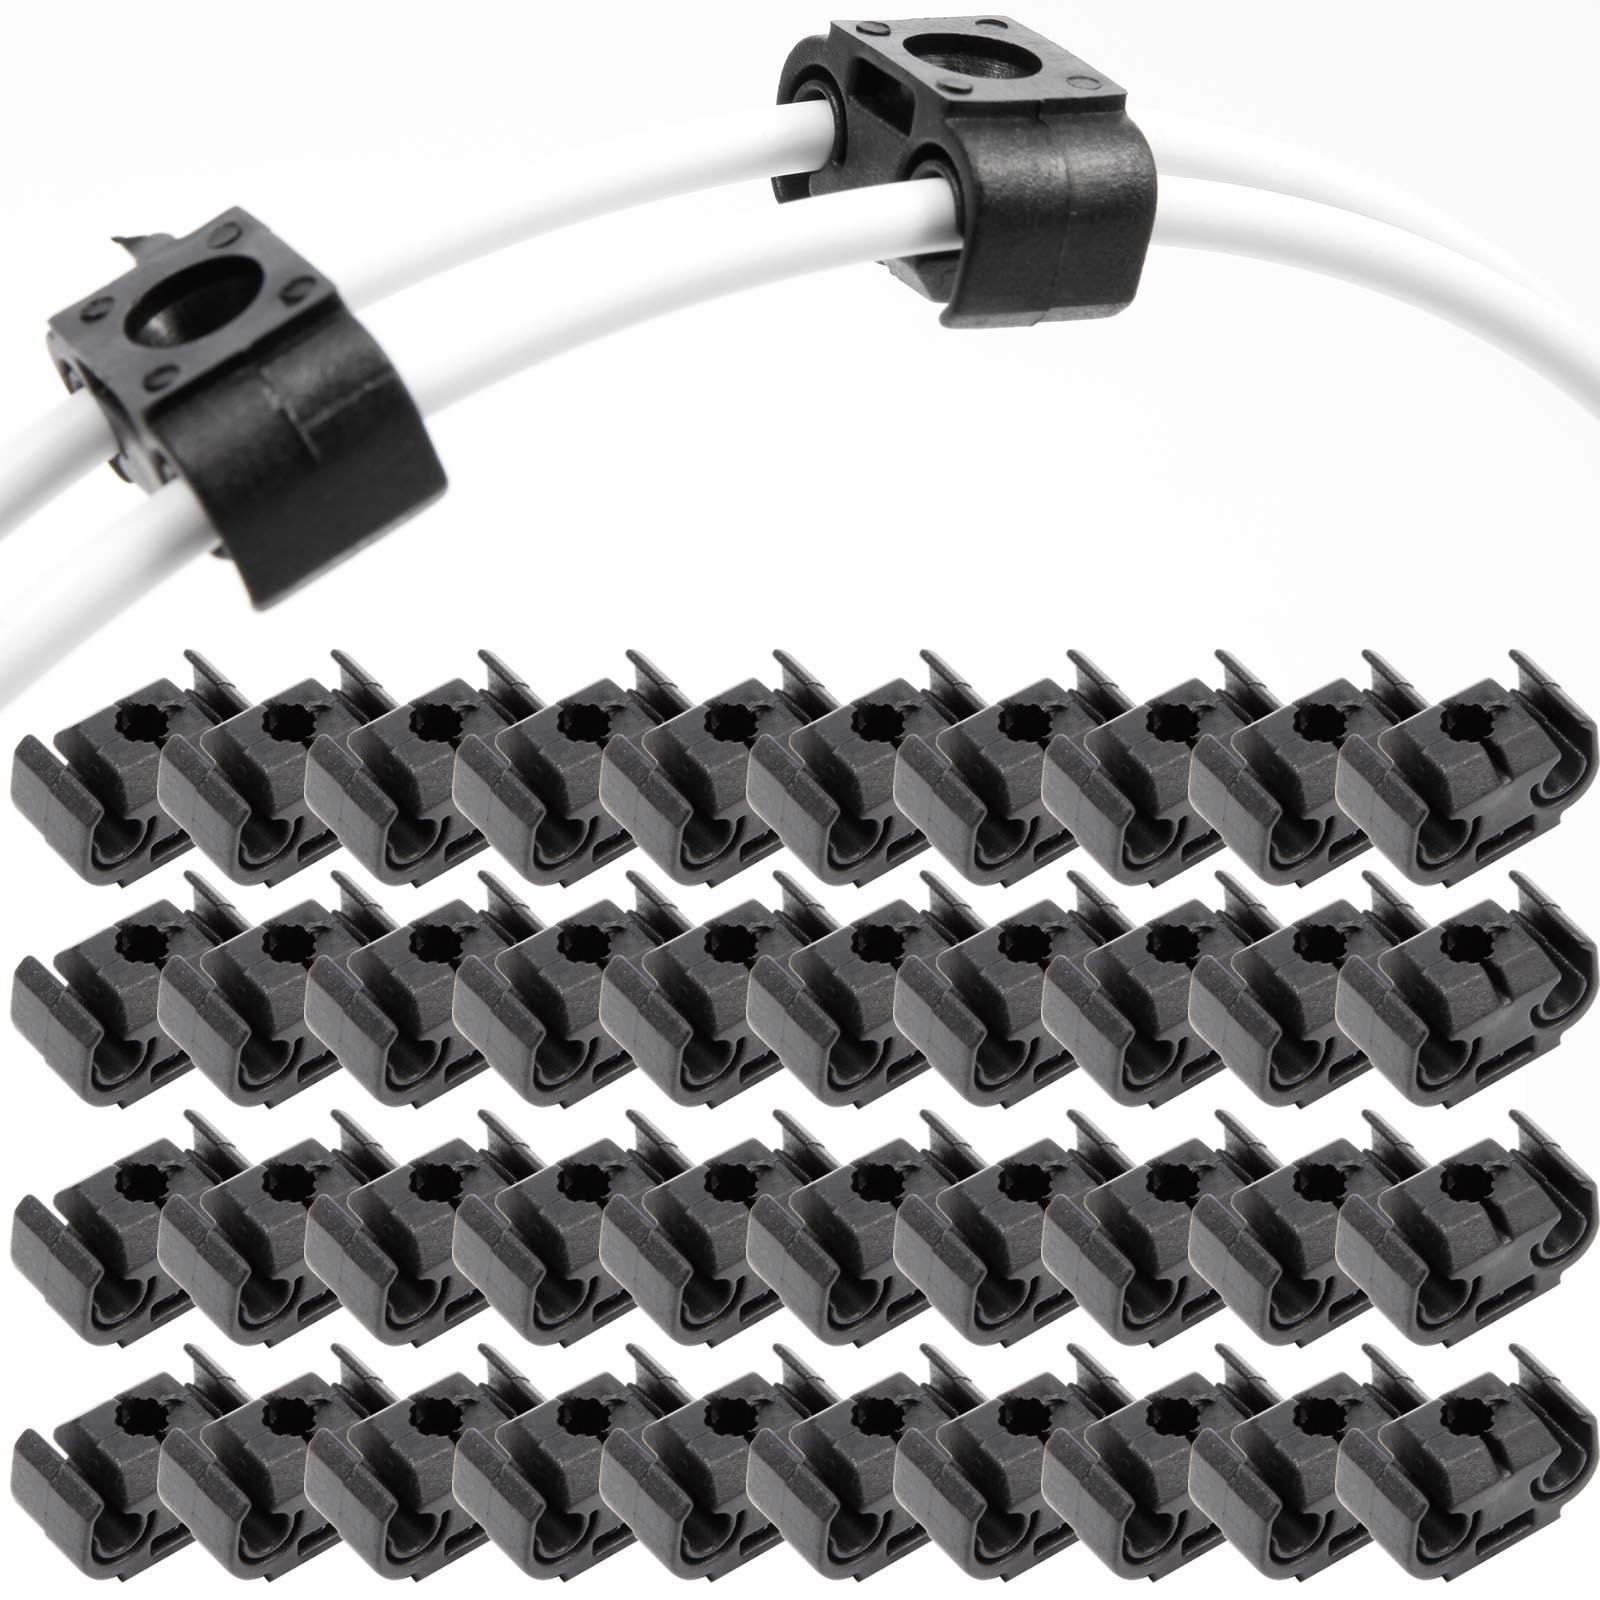 40 Stück Doppelt Bremsleitungshalter Clip für Audi VW 4,75 mm 811611797 Schwarz